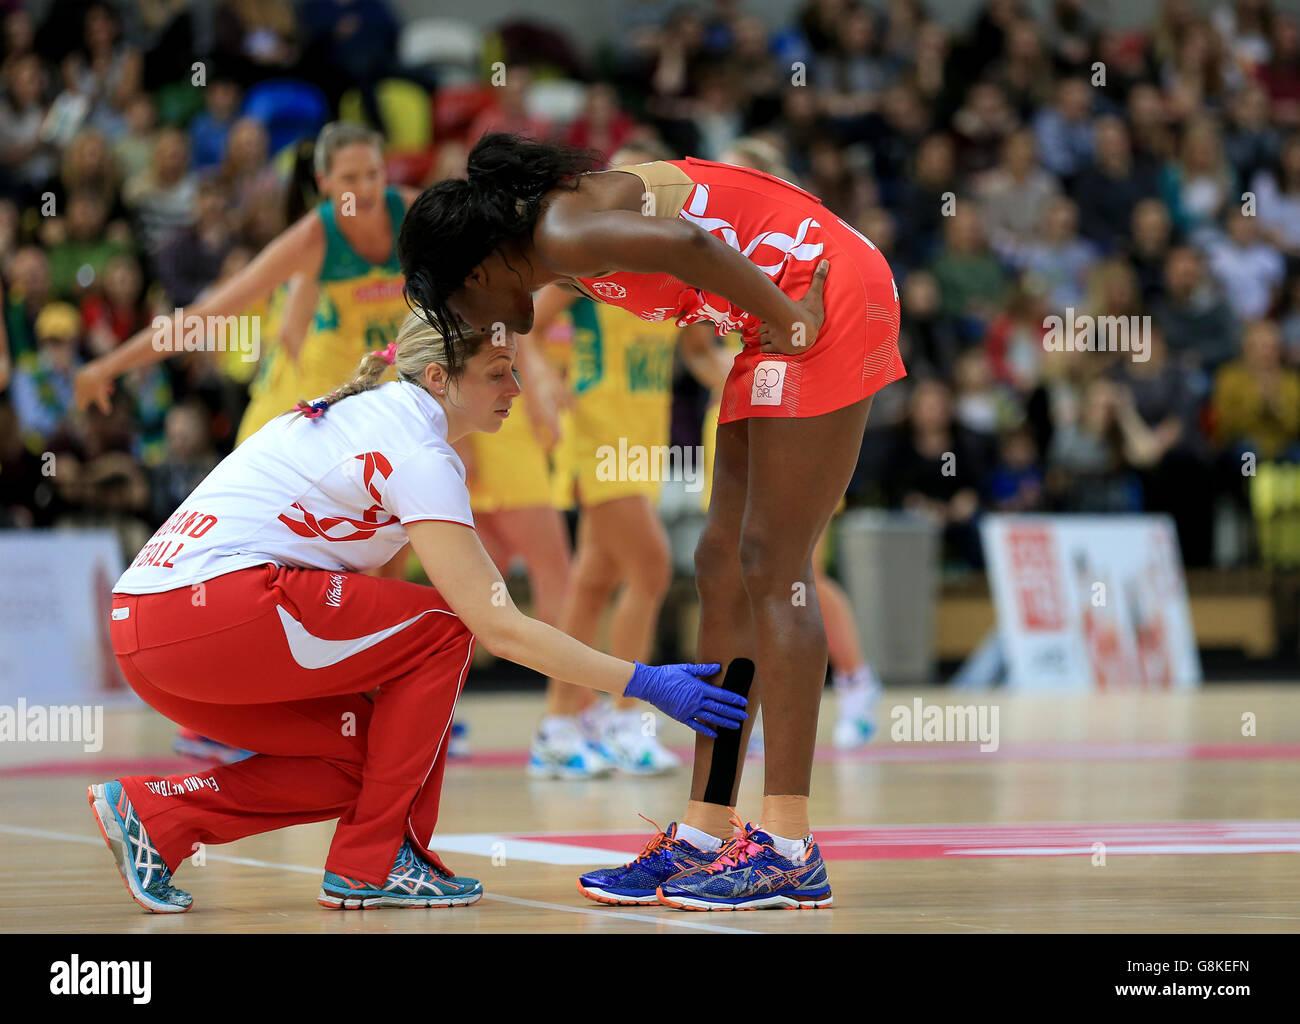 Inglaterra vs Australia - Serie de baloncesto internacional - tercer partido - Cuadro de cobre Imagen De Stock